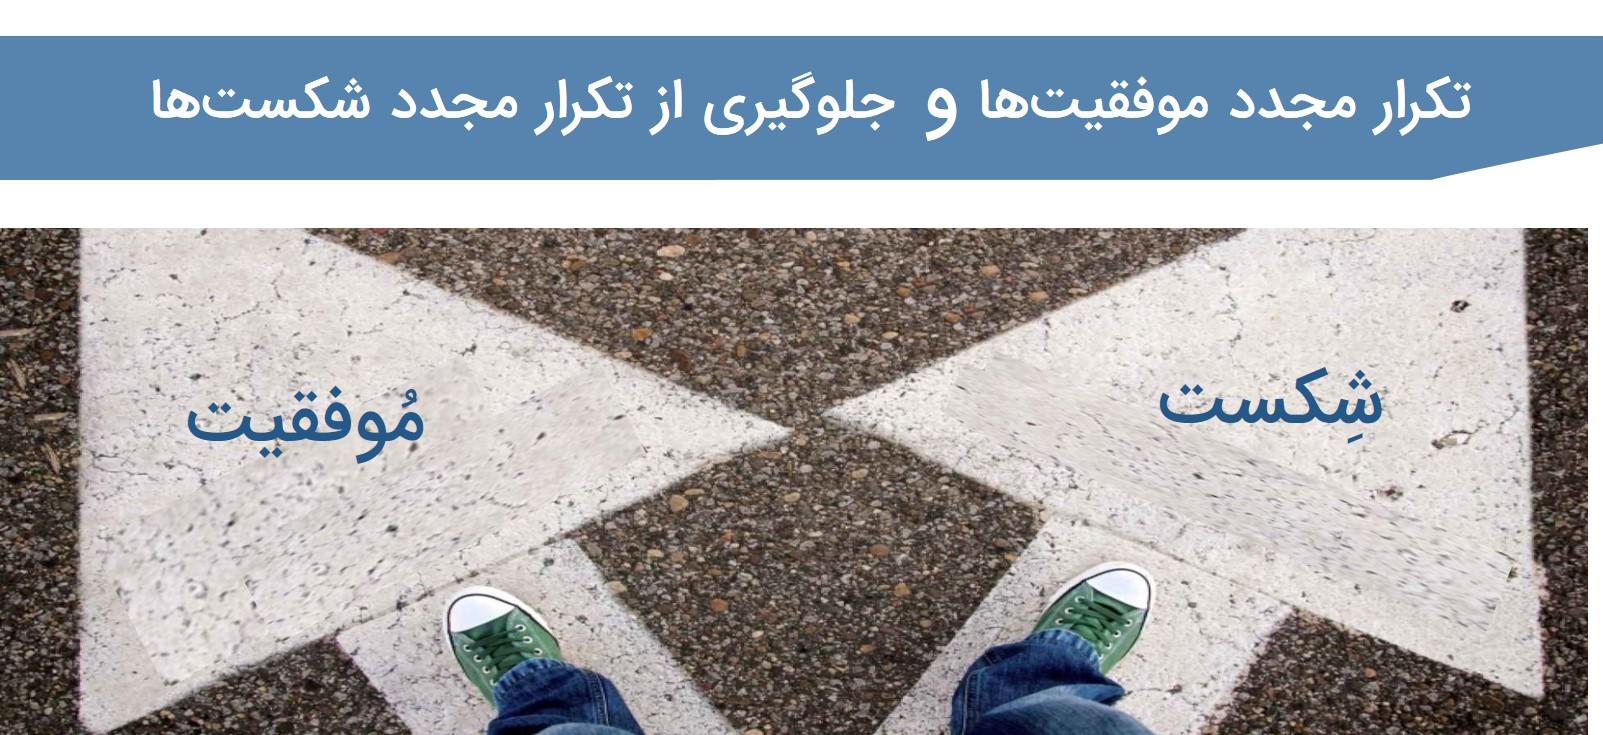 مدیریت درس آموخته ها